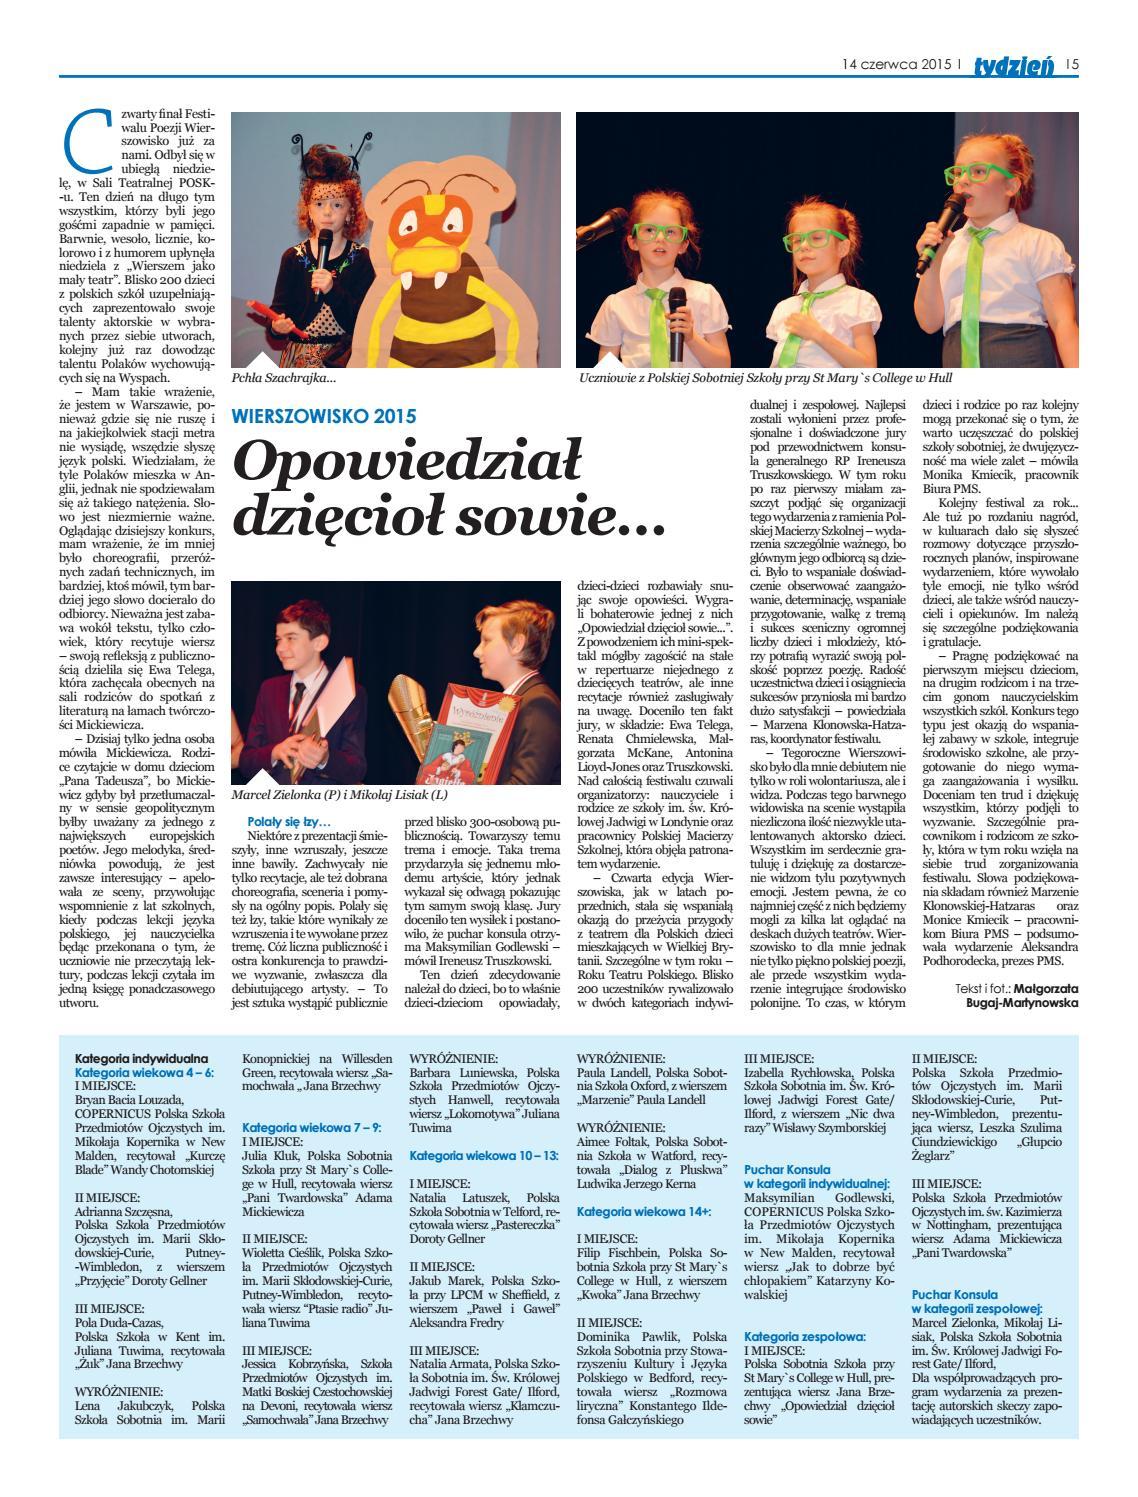 Pol151206 Wierszowisko 2015 Final Opowiedzial Dzieciol Sowie